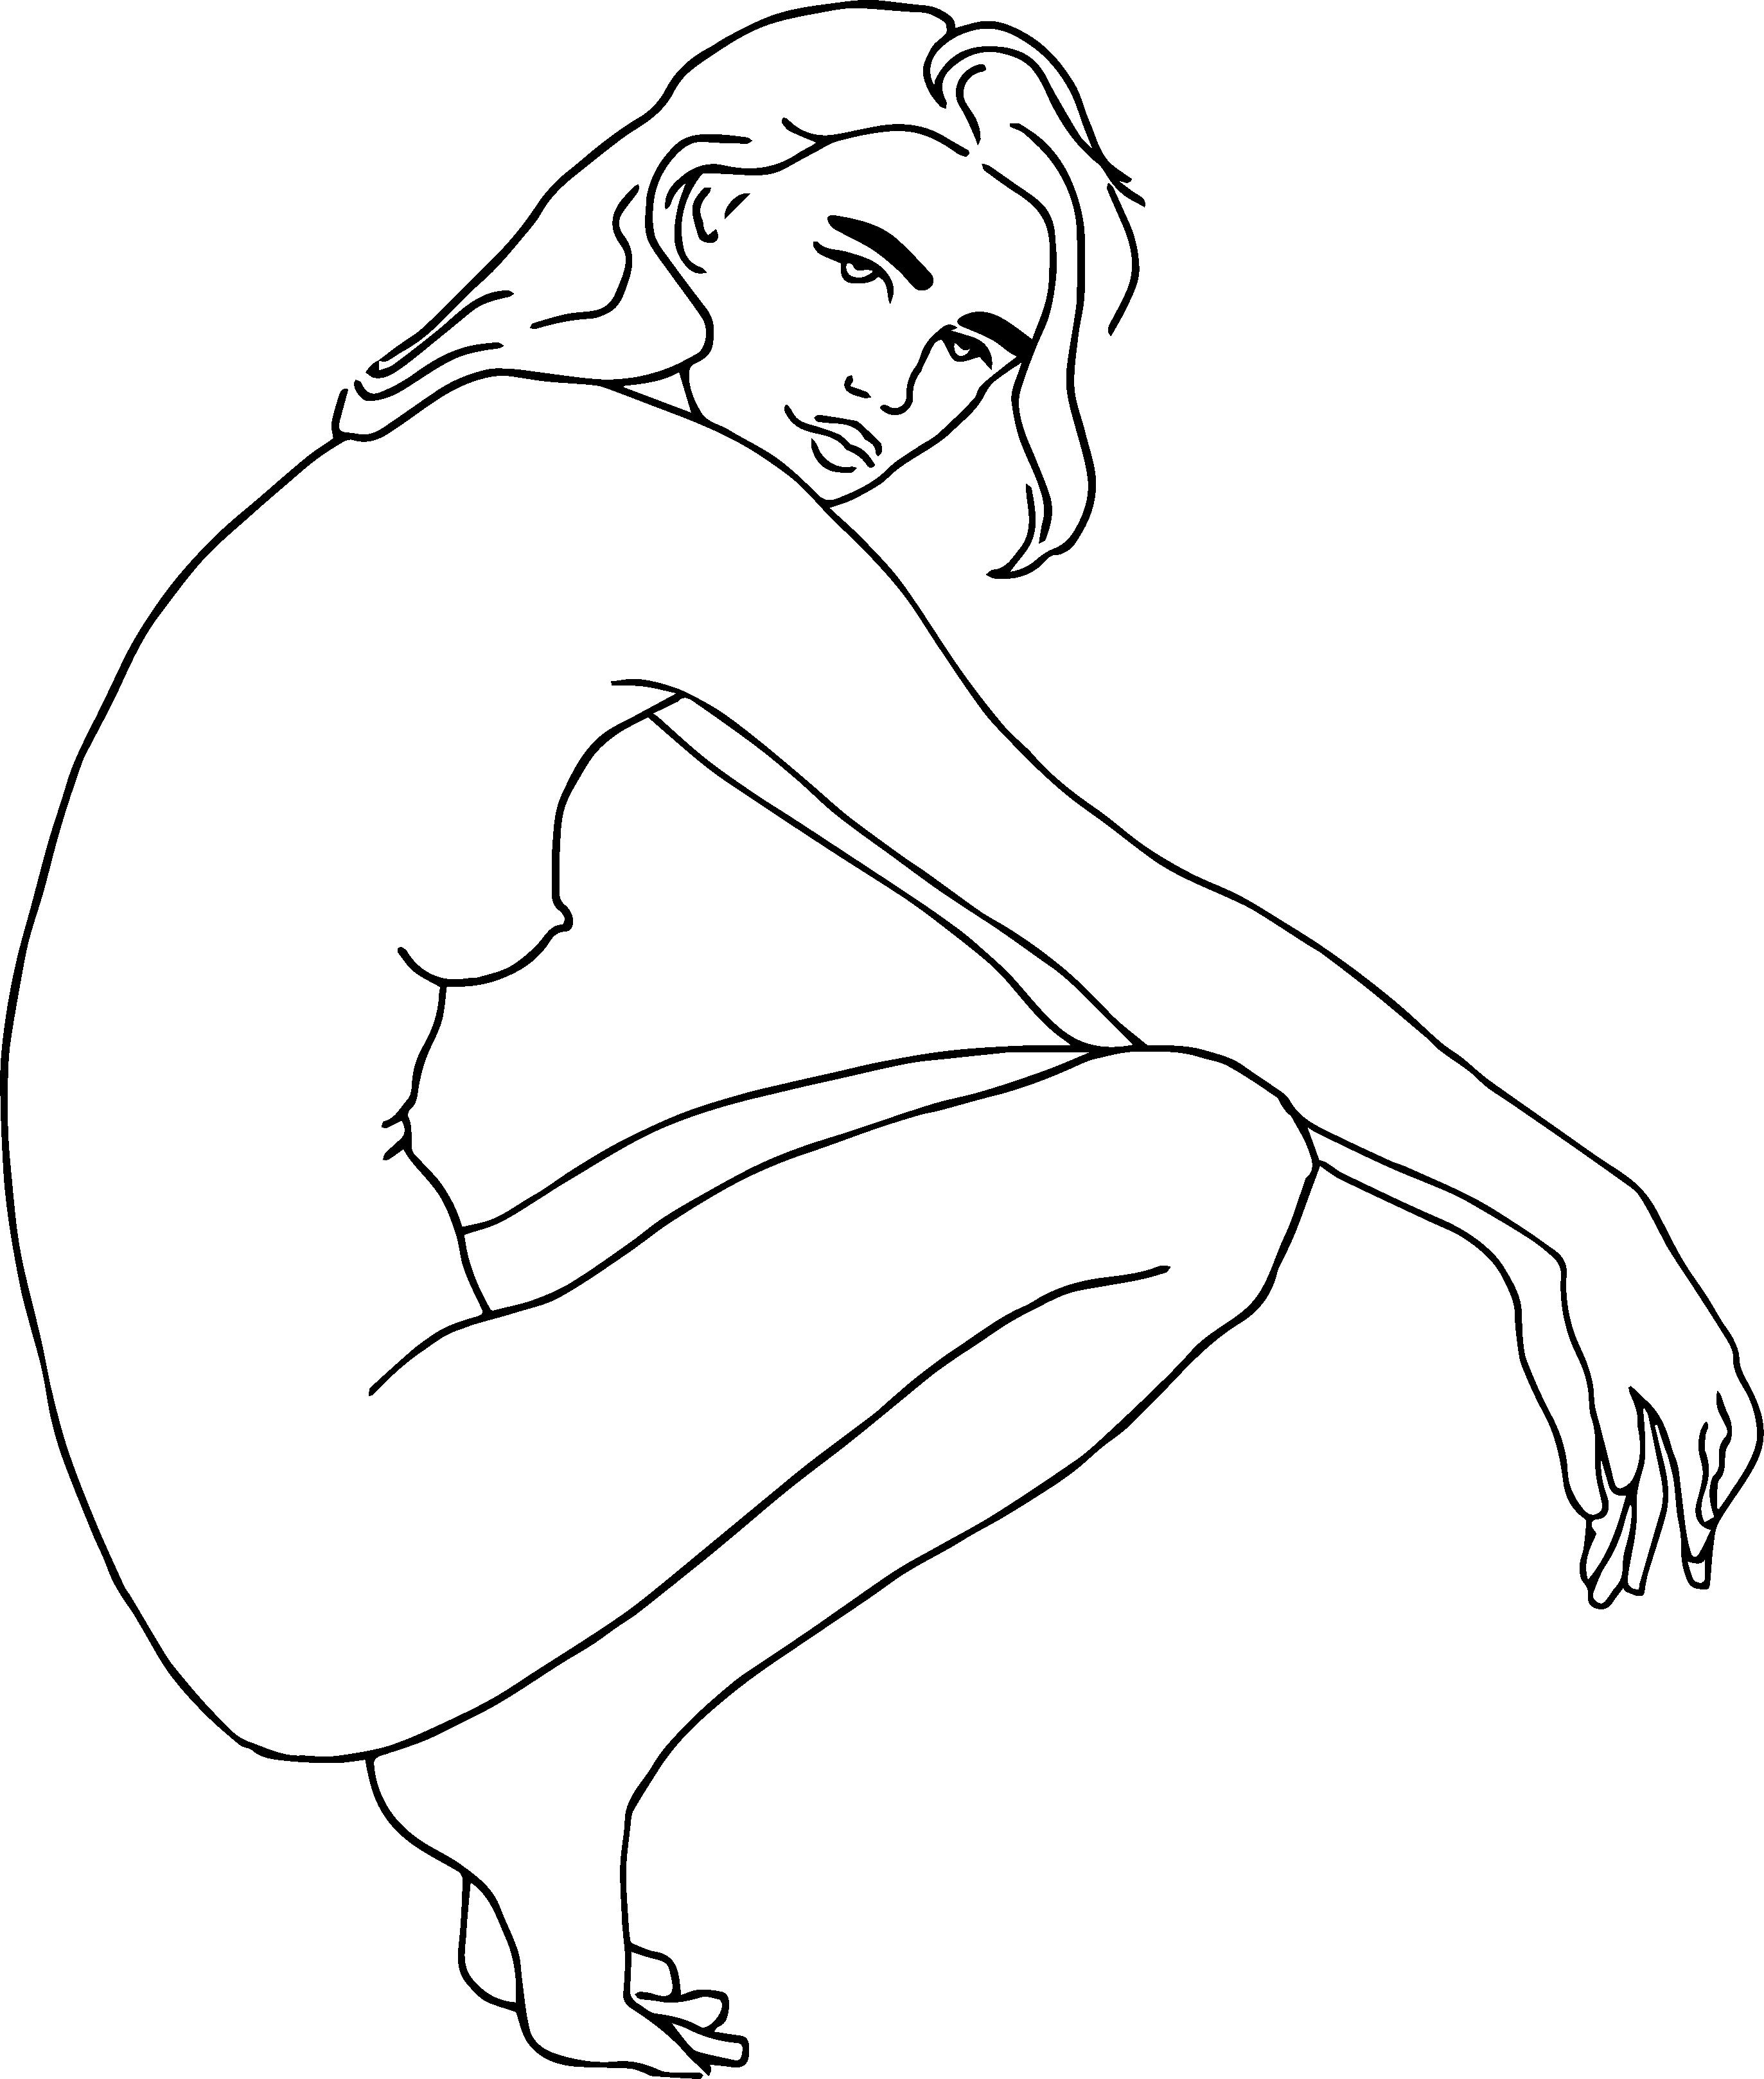 C5d63f255d